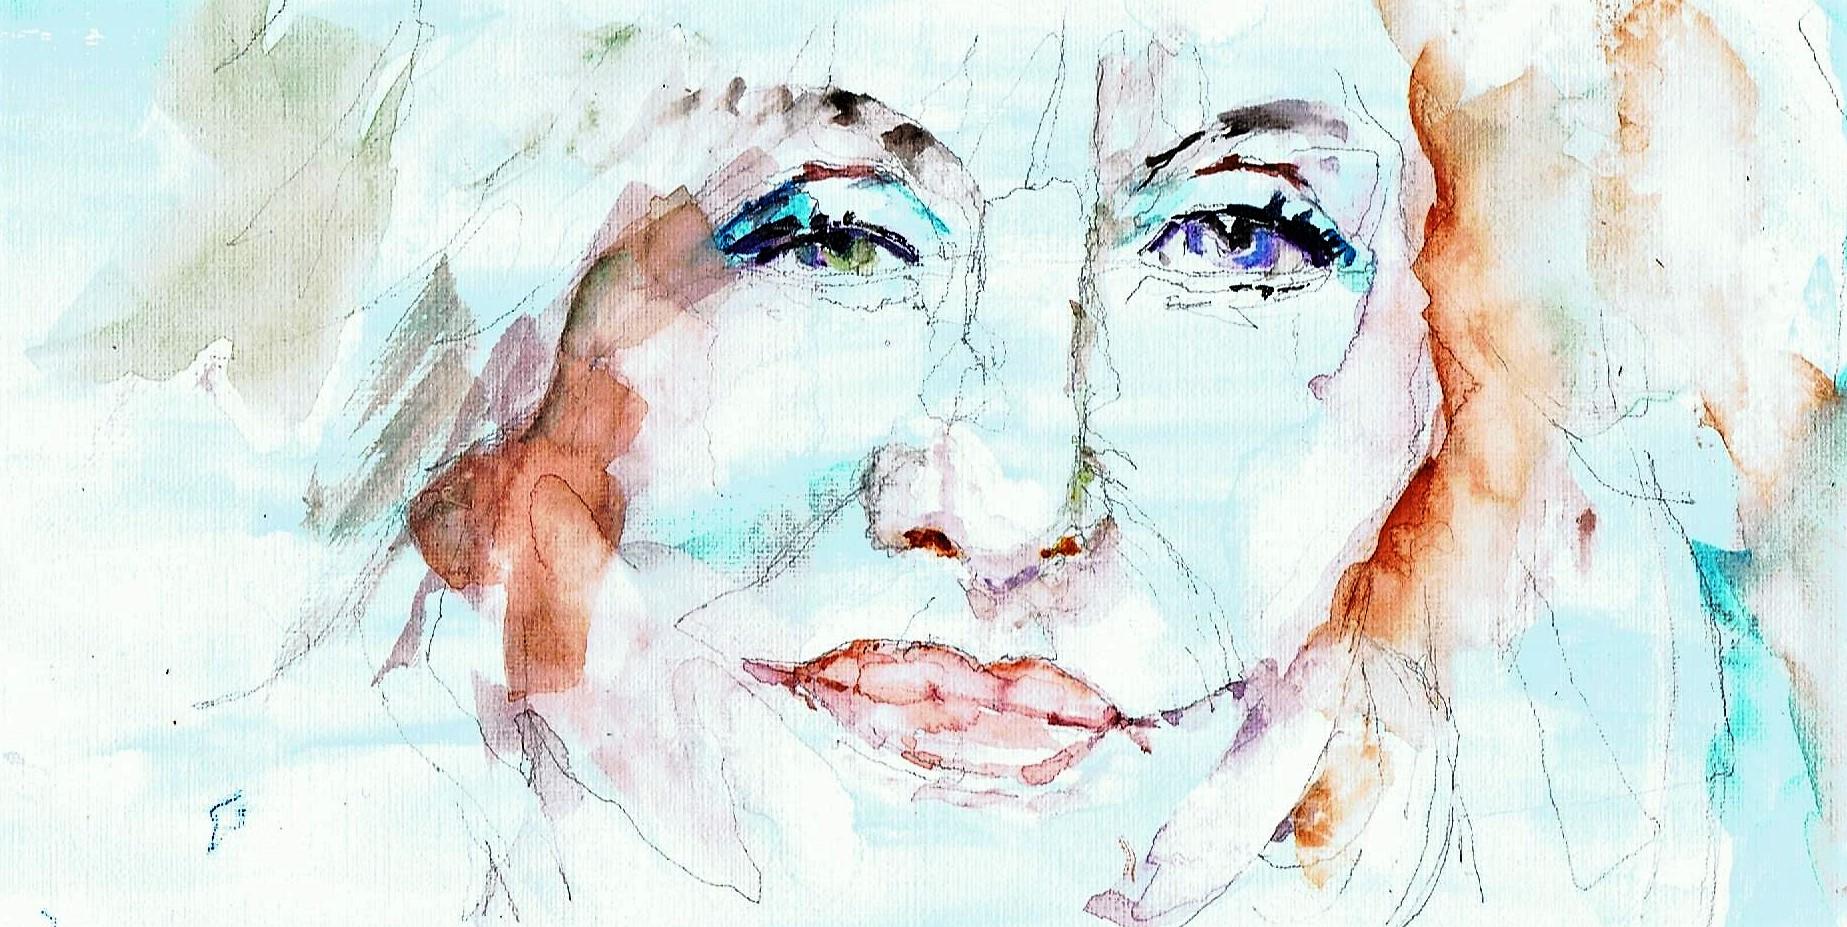 365 dagen een portret 35 Dolly Parton, zangeres Aquarel 19c25